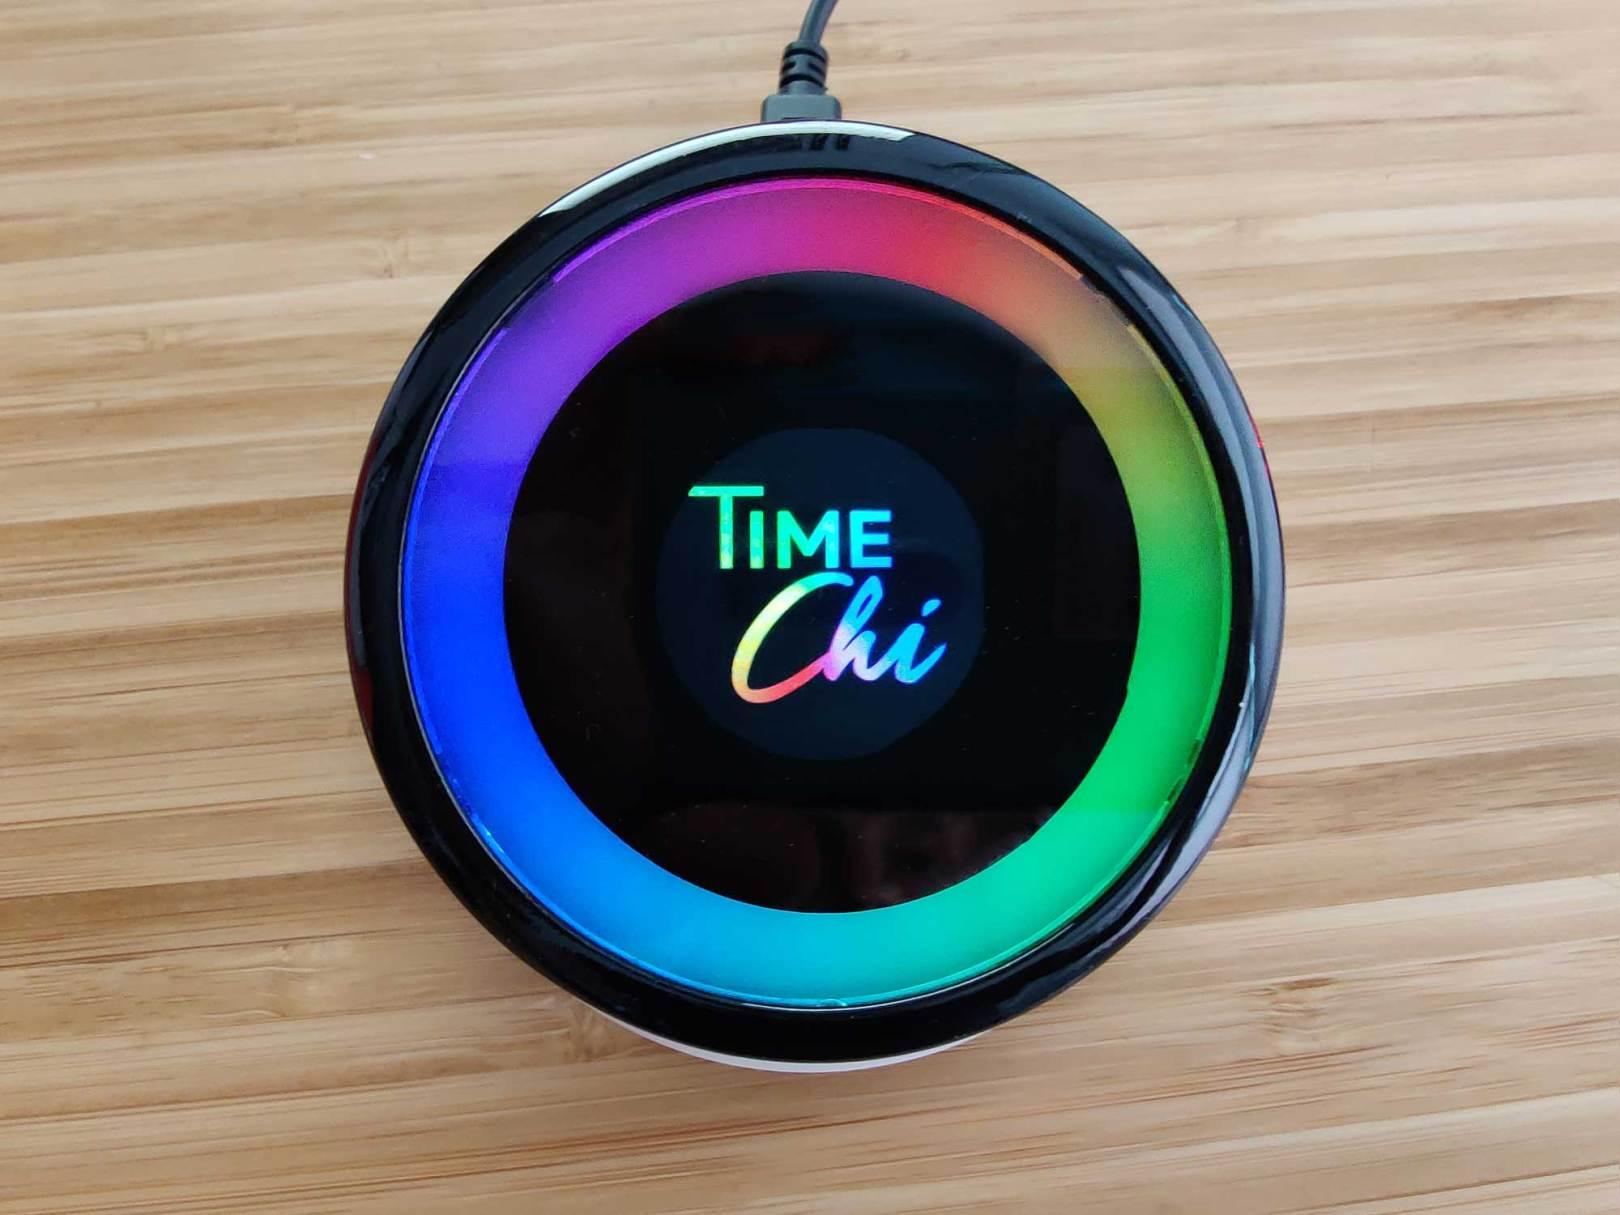 Time Chi pomodoro gestion temps efficacité productivité